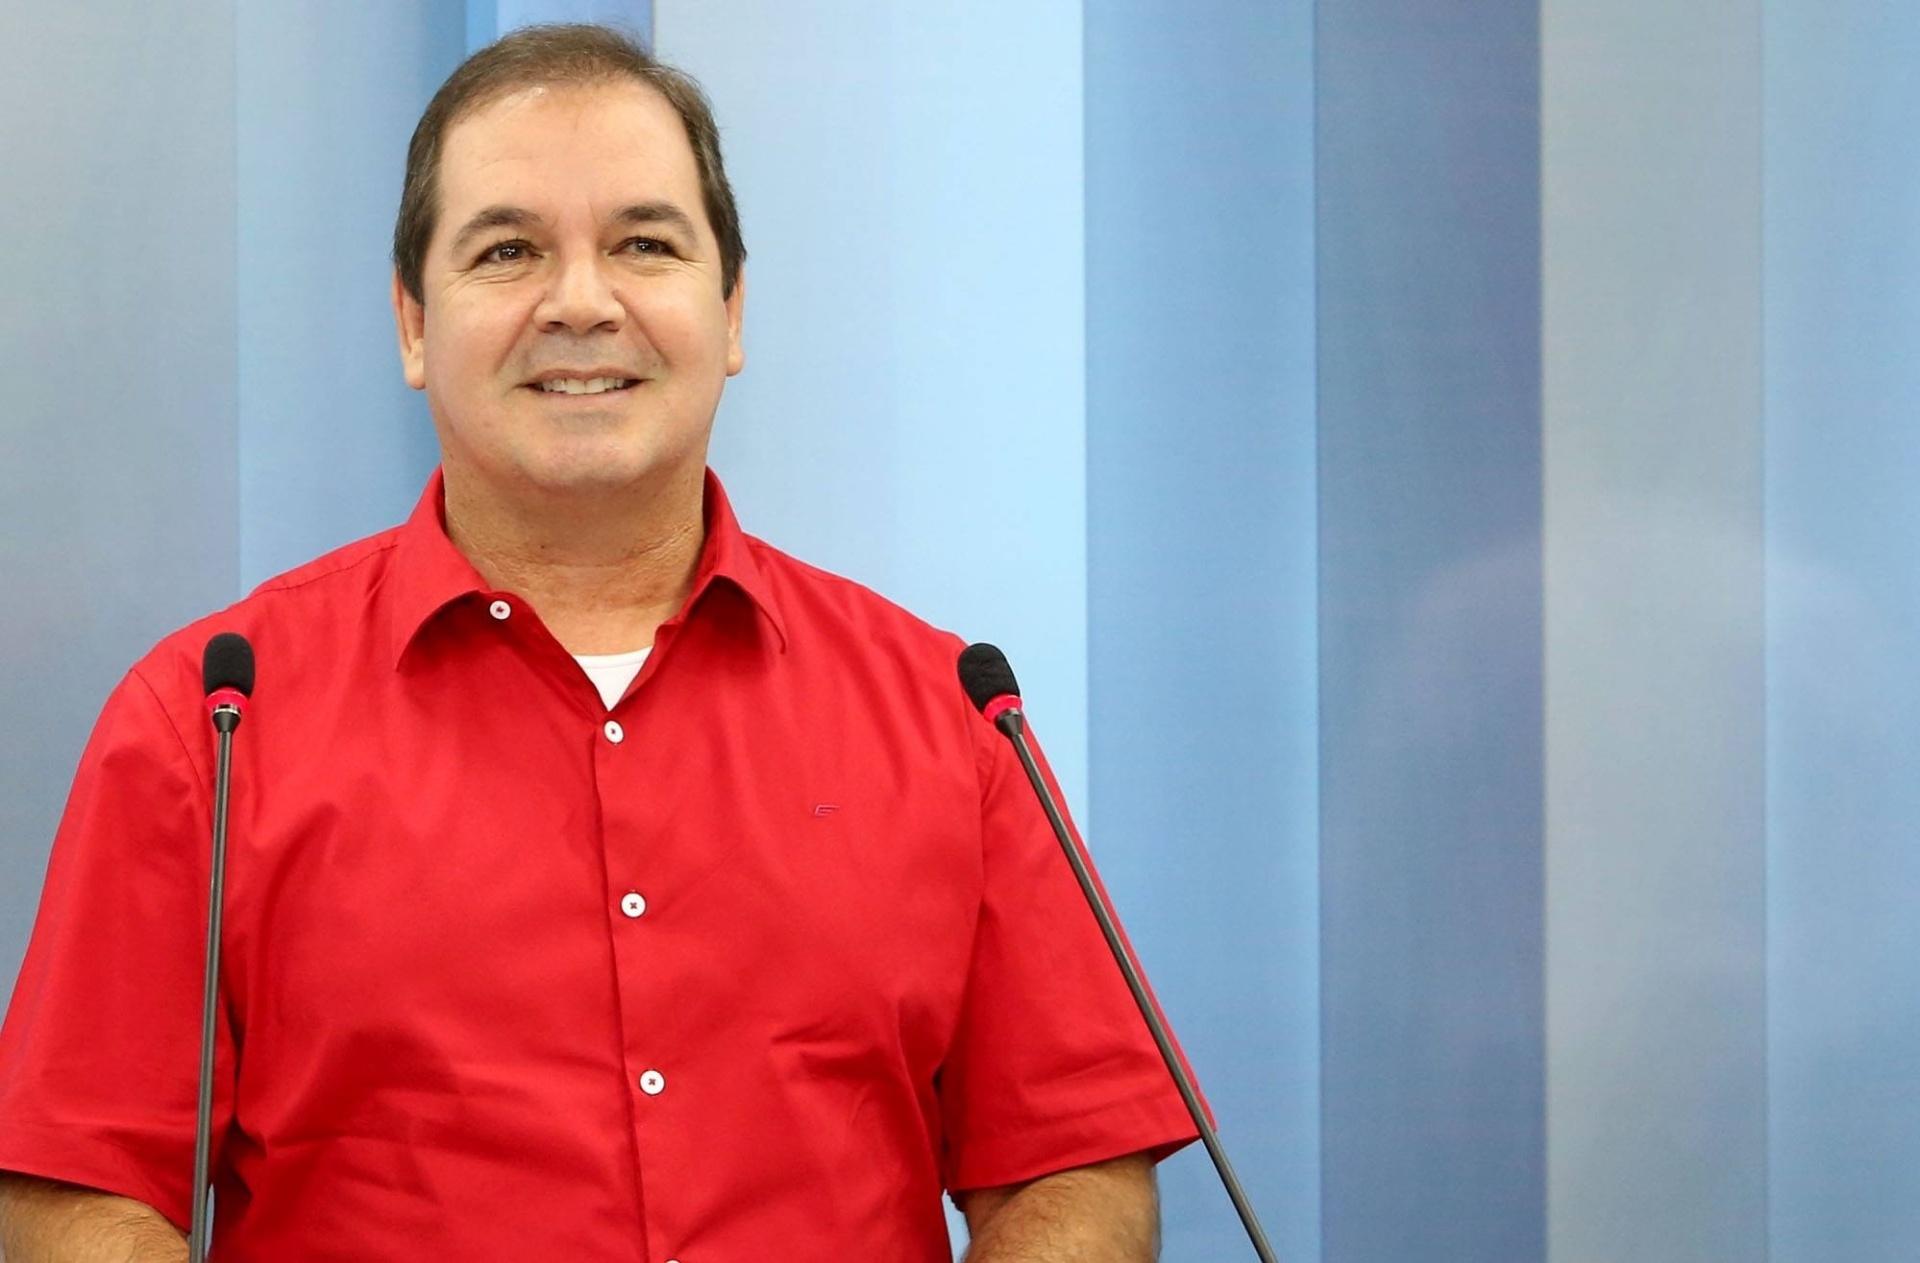 30.set.2014 - O governador do Acre e candidato à reeleição, Tião Viana (PT), posa para fotos no cenário do debate eleitoral da TV Acre, na terça-feira (30)